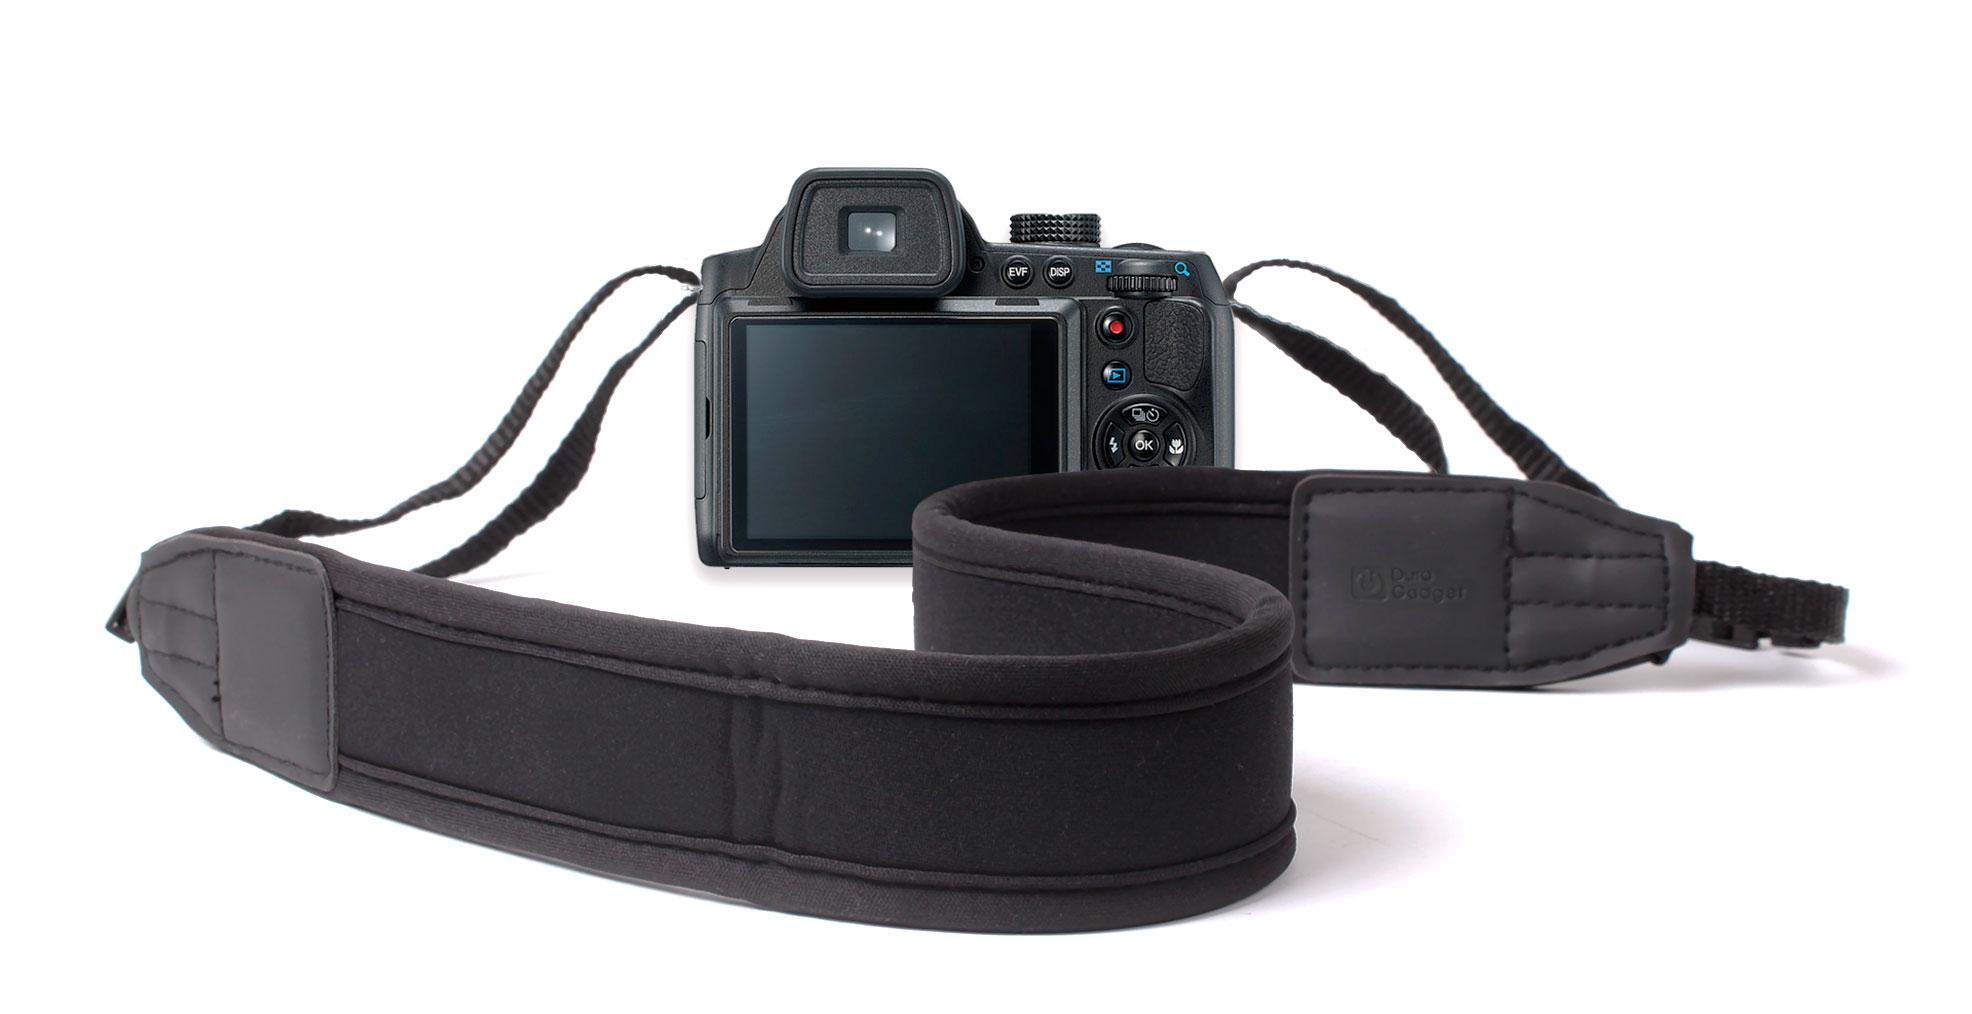 Strap For Pentax K-r, K-x, Q, X70, X90 SLR Camera With Padded Neck/Shoulder Grip Enlarged Preview